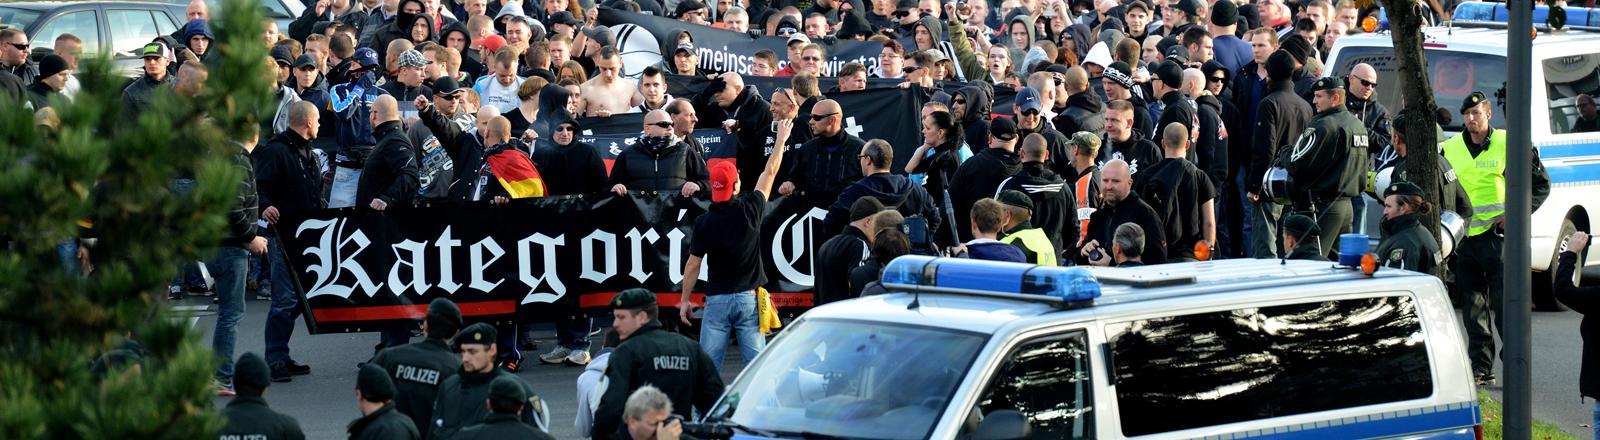 """Demonstranten laufen am 26.10.2014 in Köln (Nordrhein-Westfalen) während einer Demonstration von Hooligans bei der Aktion """"Gemeinsam gegen Salafismus"""" durch die Innenstadt."""